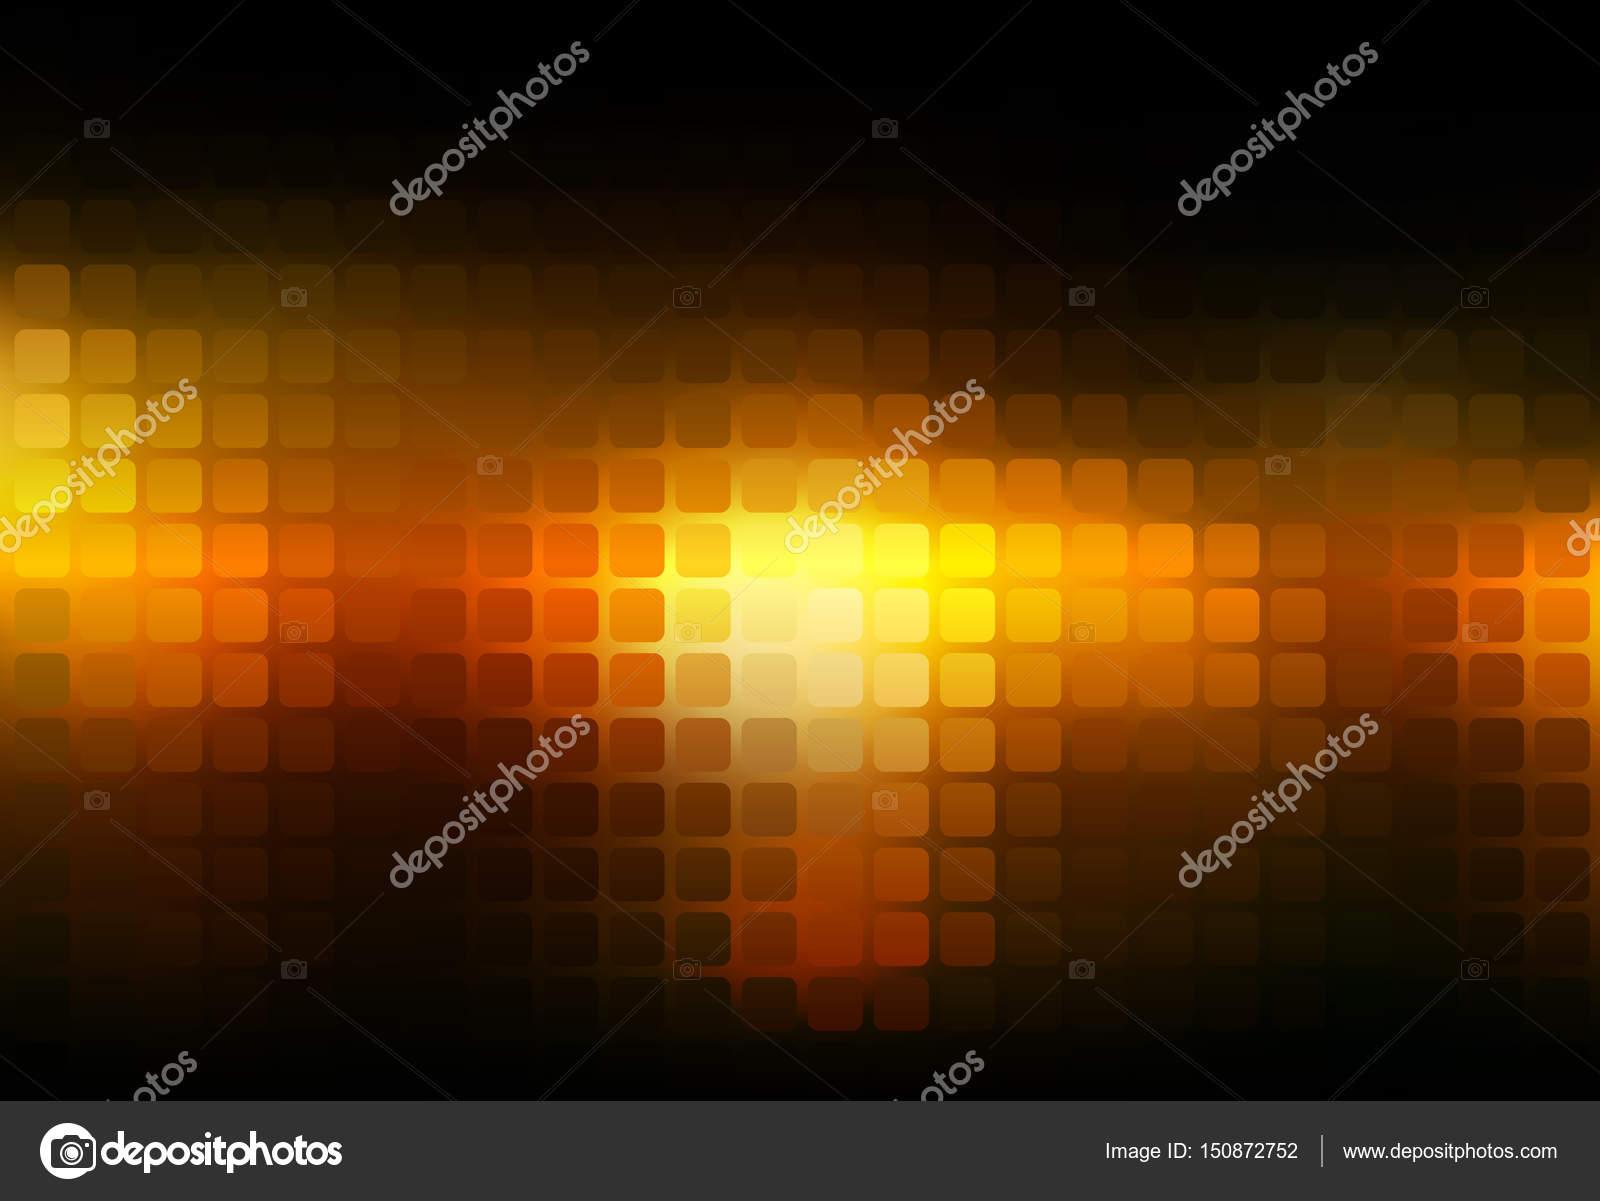 Estratto giallo arancione nero arrotondato fondo del mosaico